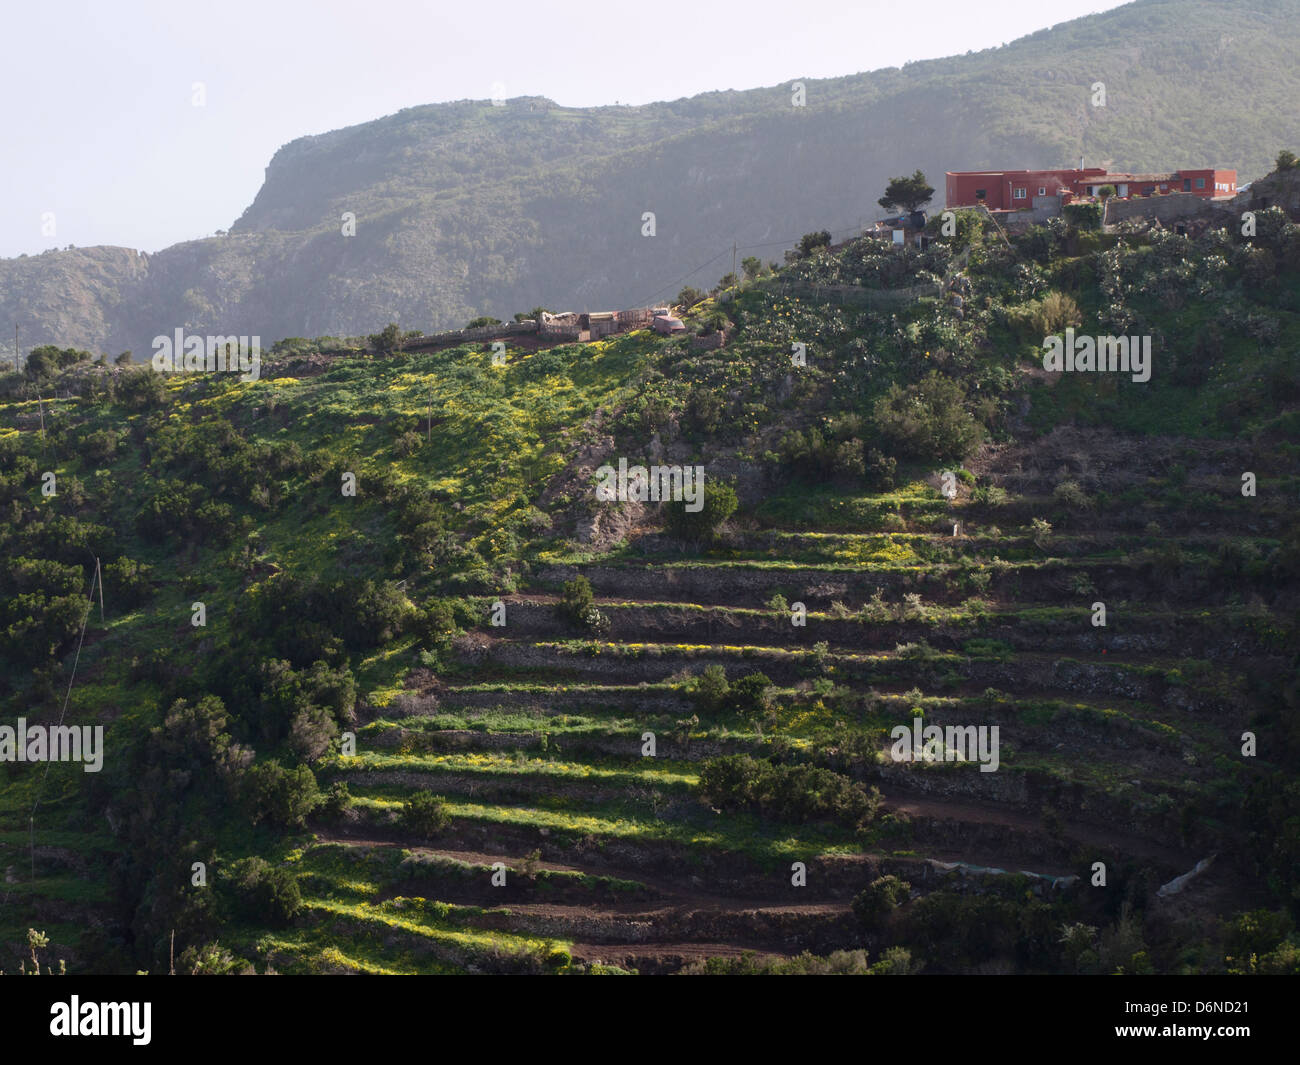 Terrassenförmig angelegten Feldern mit Bauernhäusern oben auf einem steilen Bergrücken, Teno Alto Berge in Teneriffa Stockfoto